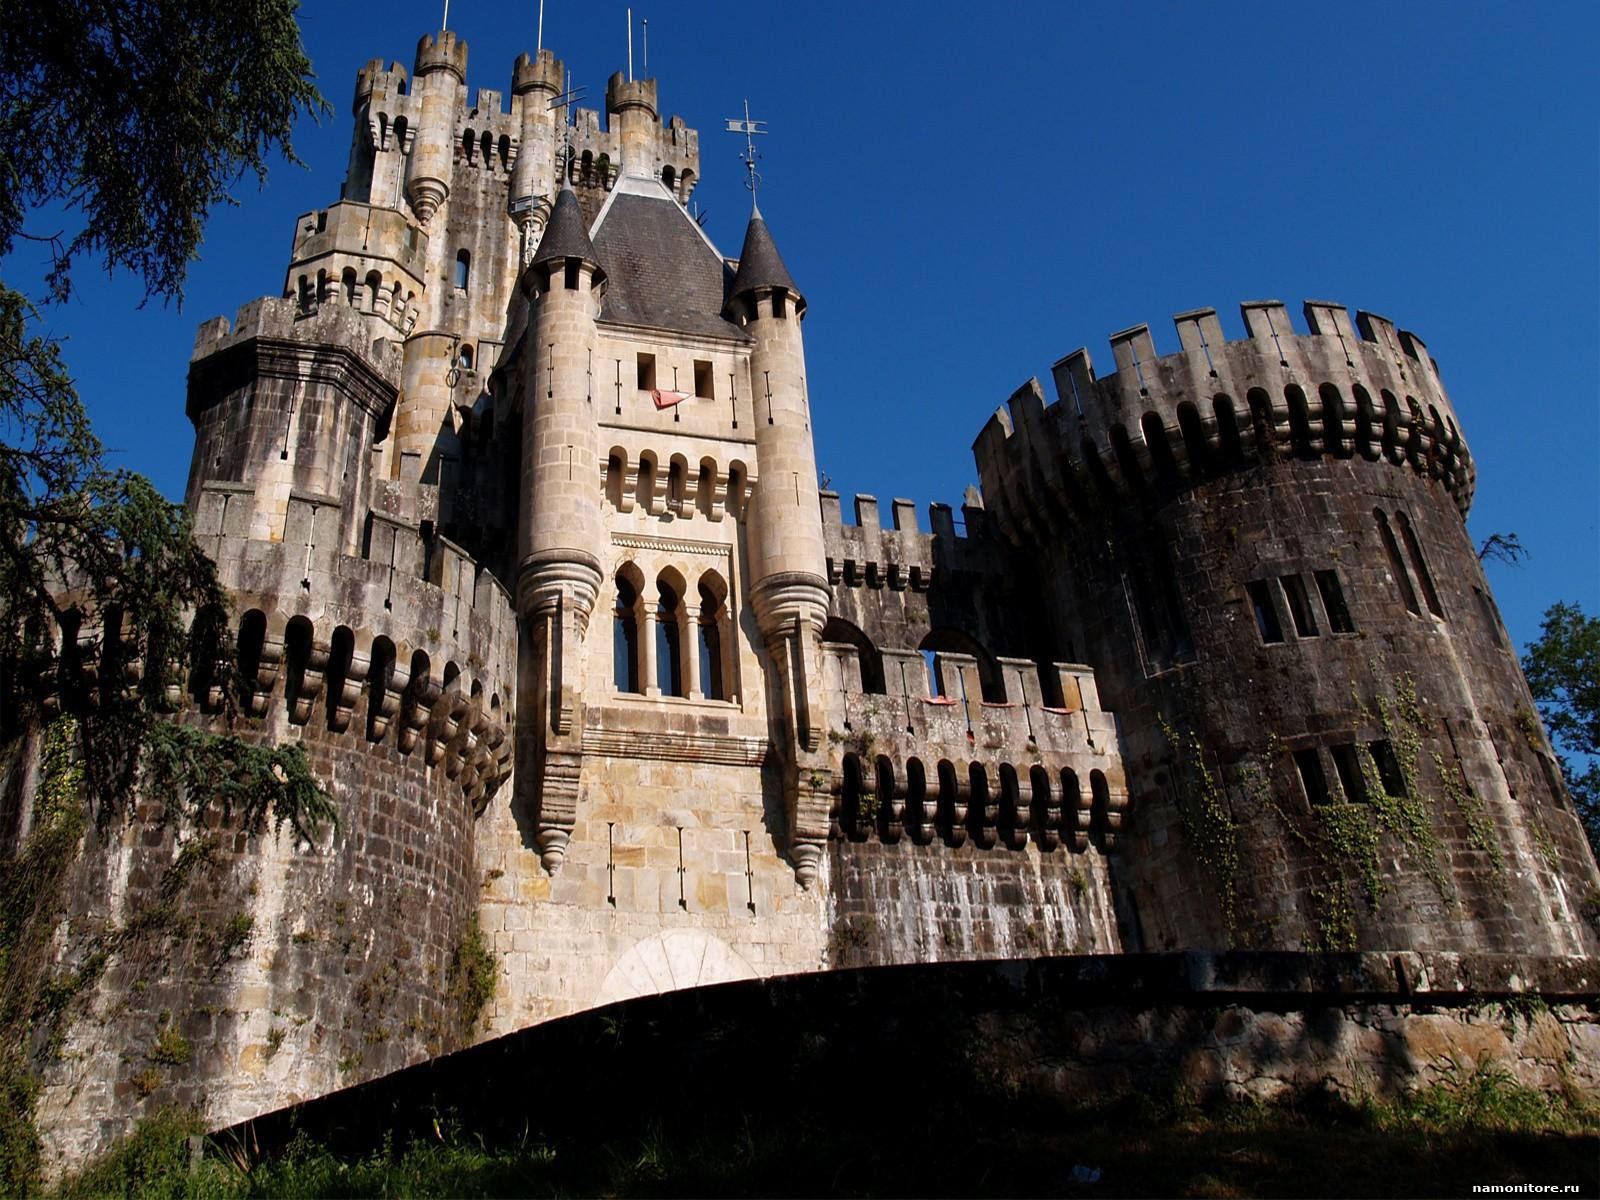 Medieval Castles Wallpaper - WallpaperSafari